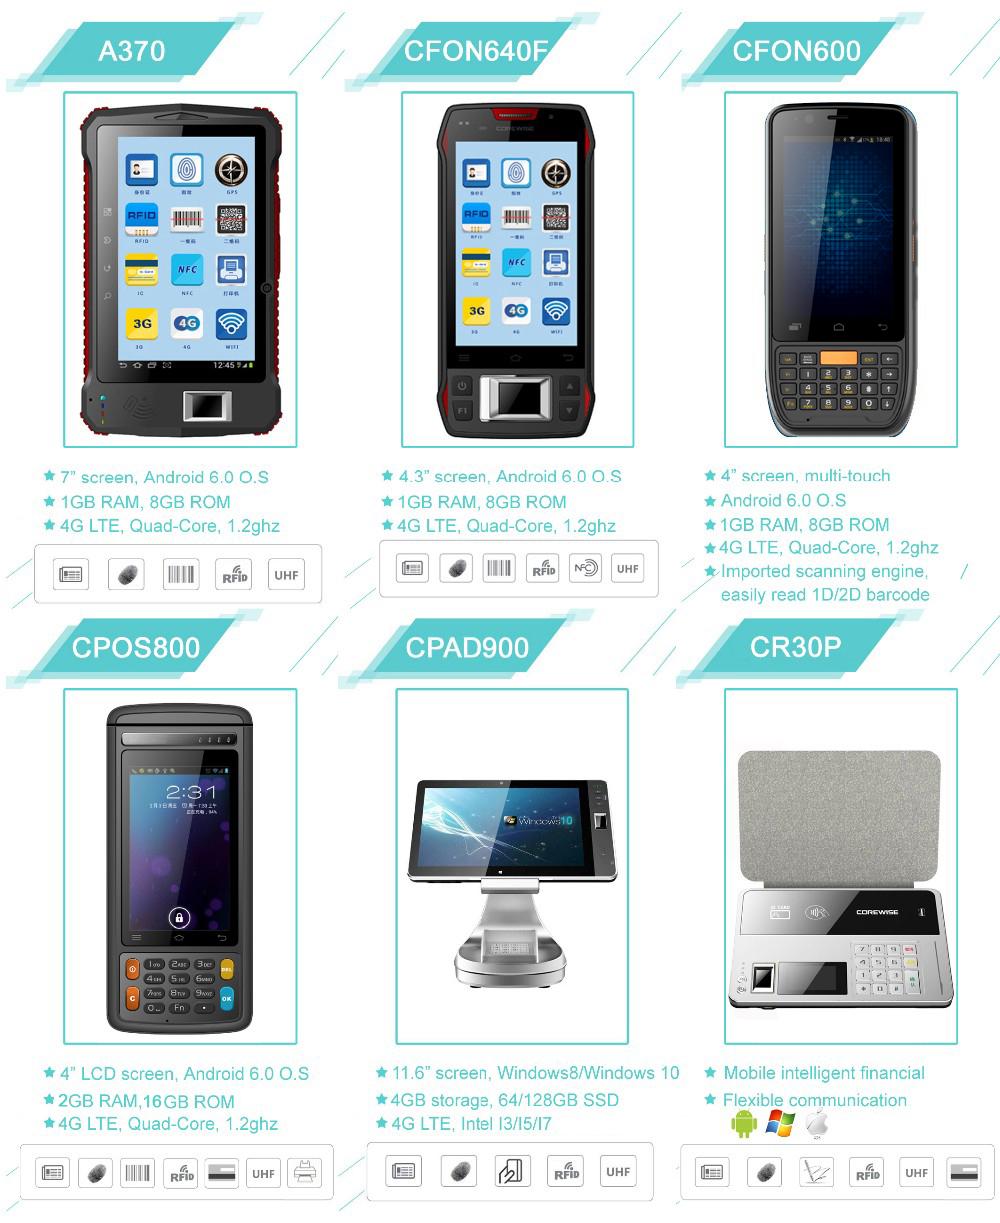 Wireless Outdoor Portable Auto Scanner Handheld Qr Code Reader - Buy